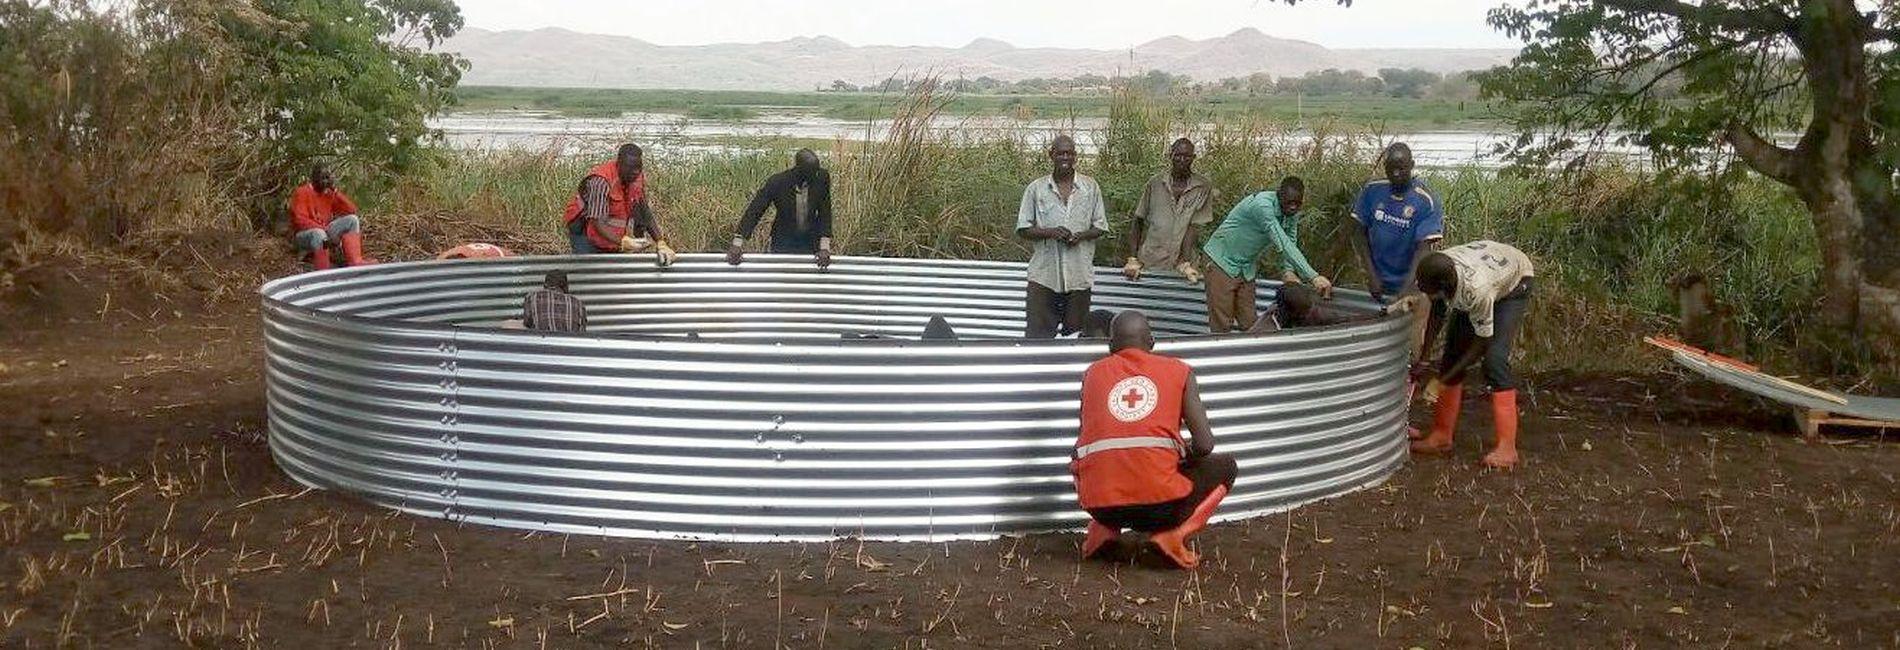 Das Becken für eine Wasseraufbereitungsanlage